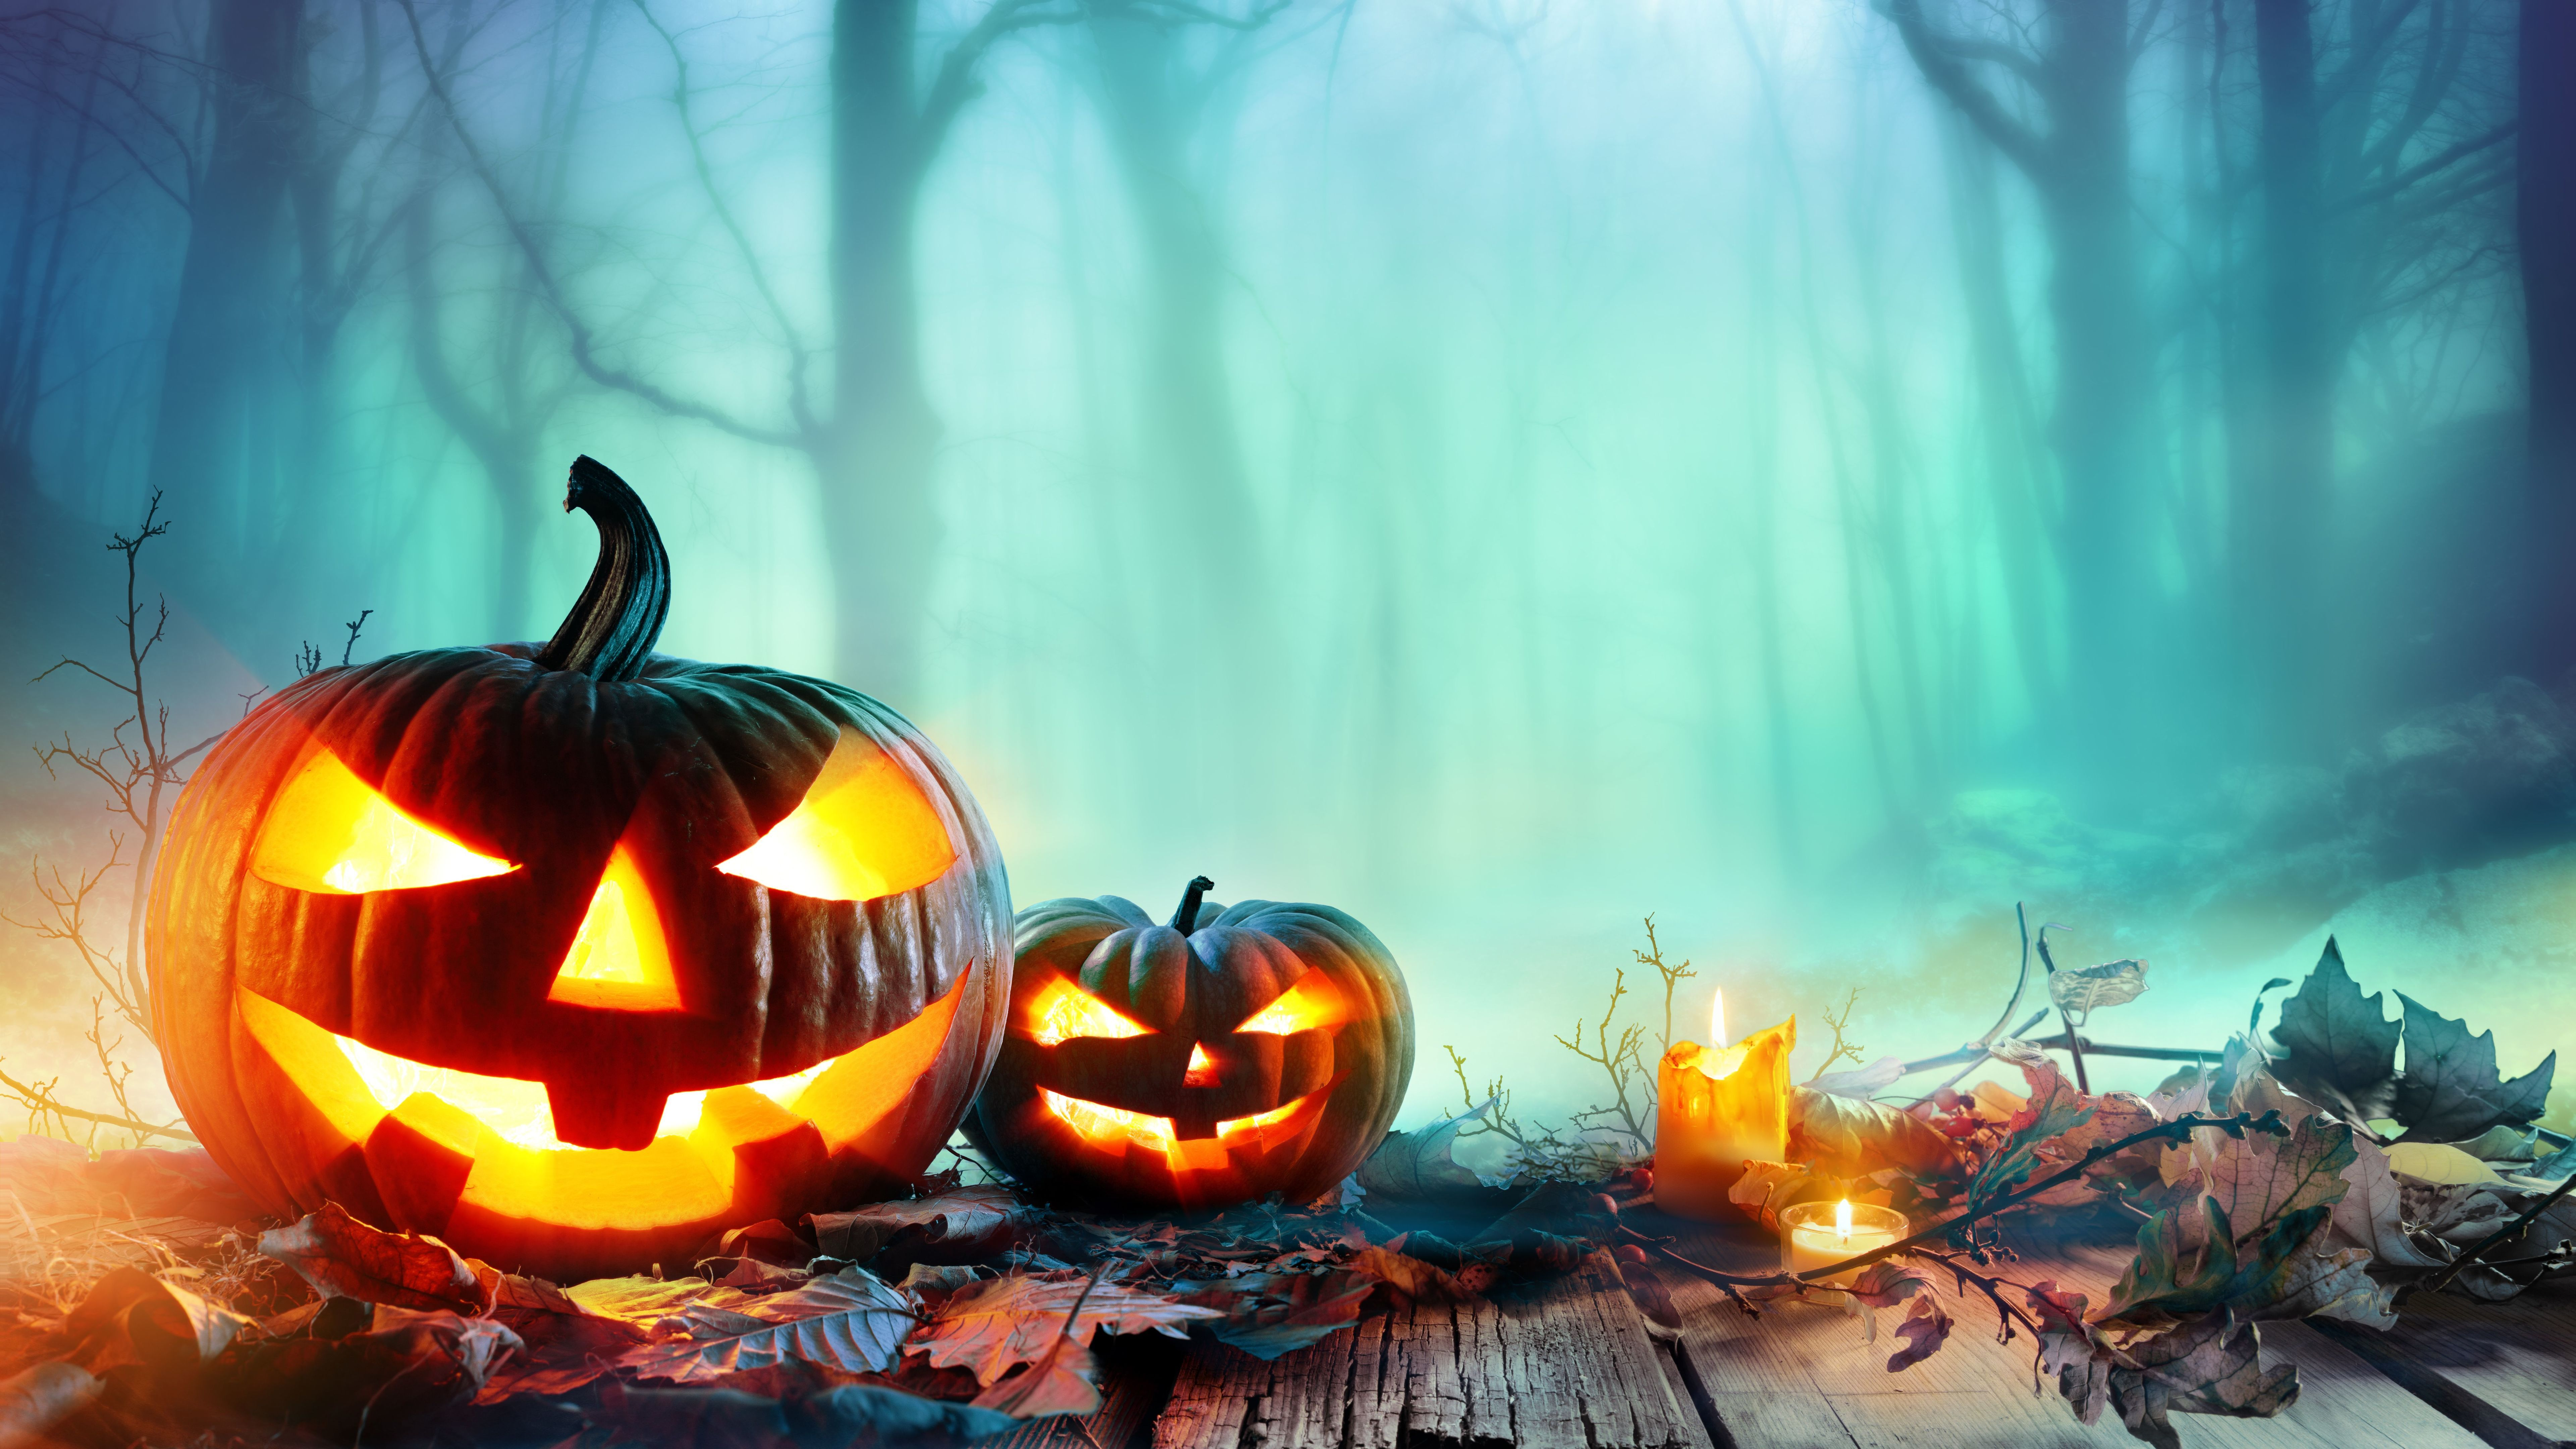 8k Halloween 8k Hd 4k Wallpaper   Data-src /full/966128 - Halloween Wallpaper 4k , HD Wallpaper & Backgrounds